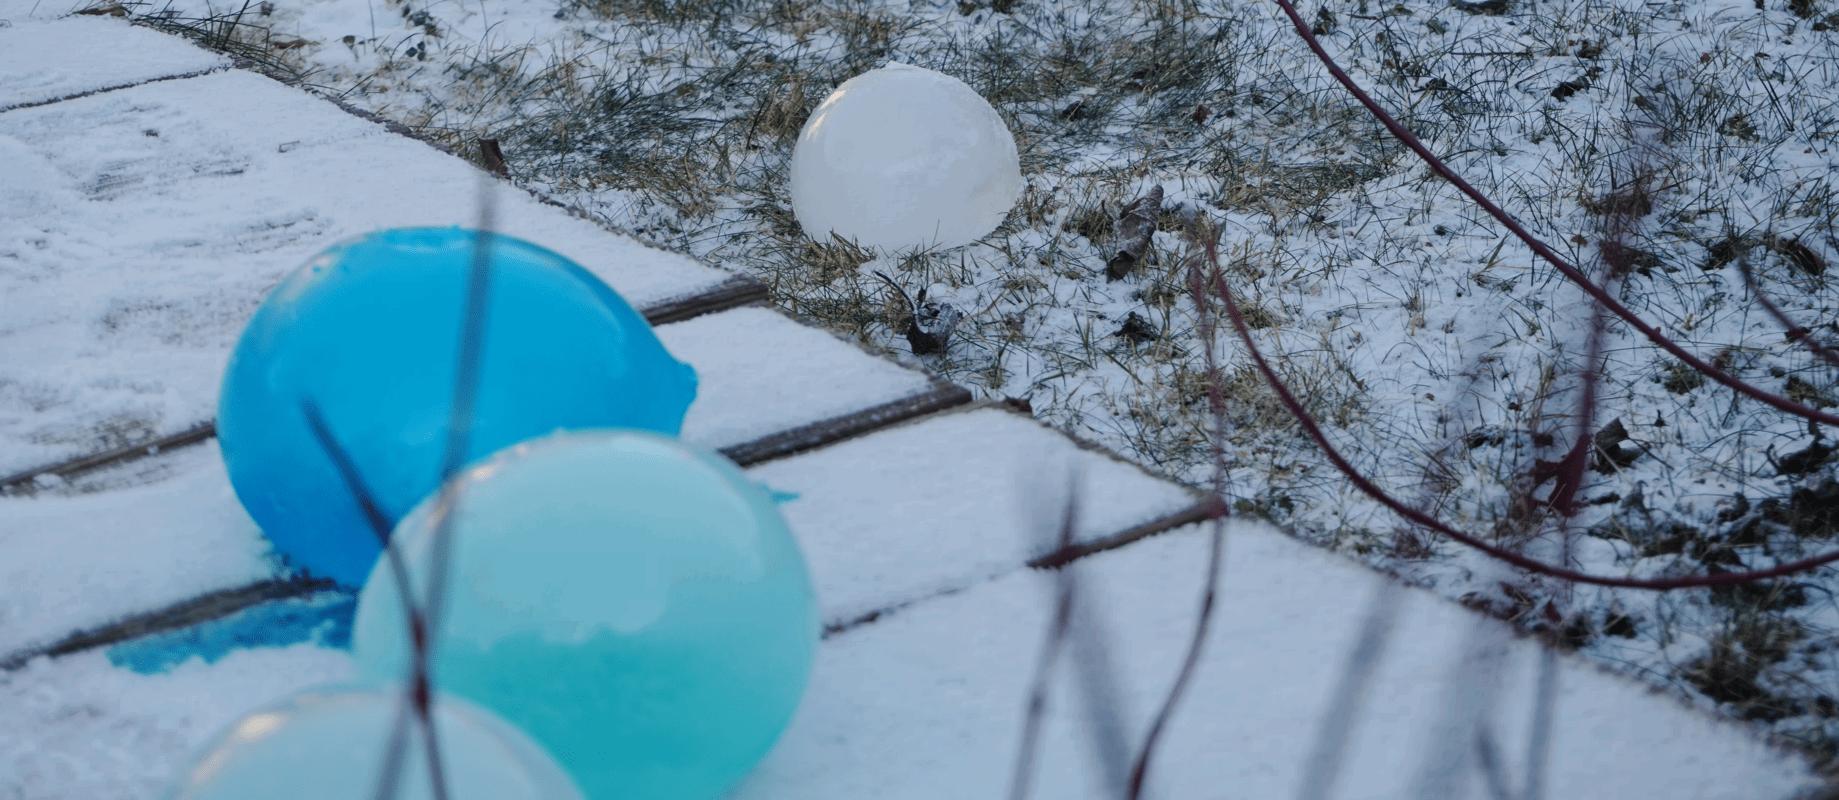 eisballon die kleine botin beitragsbild